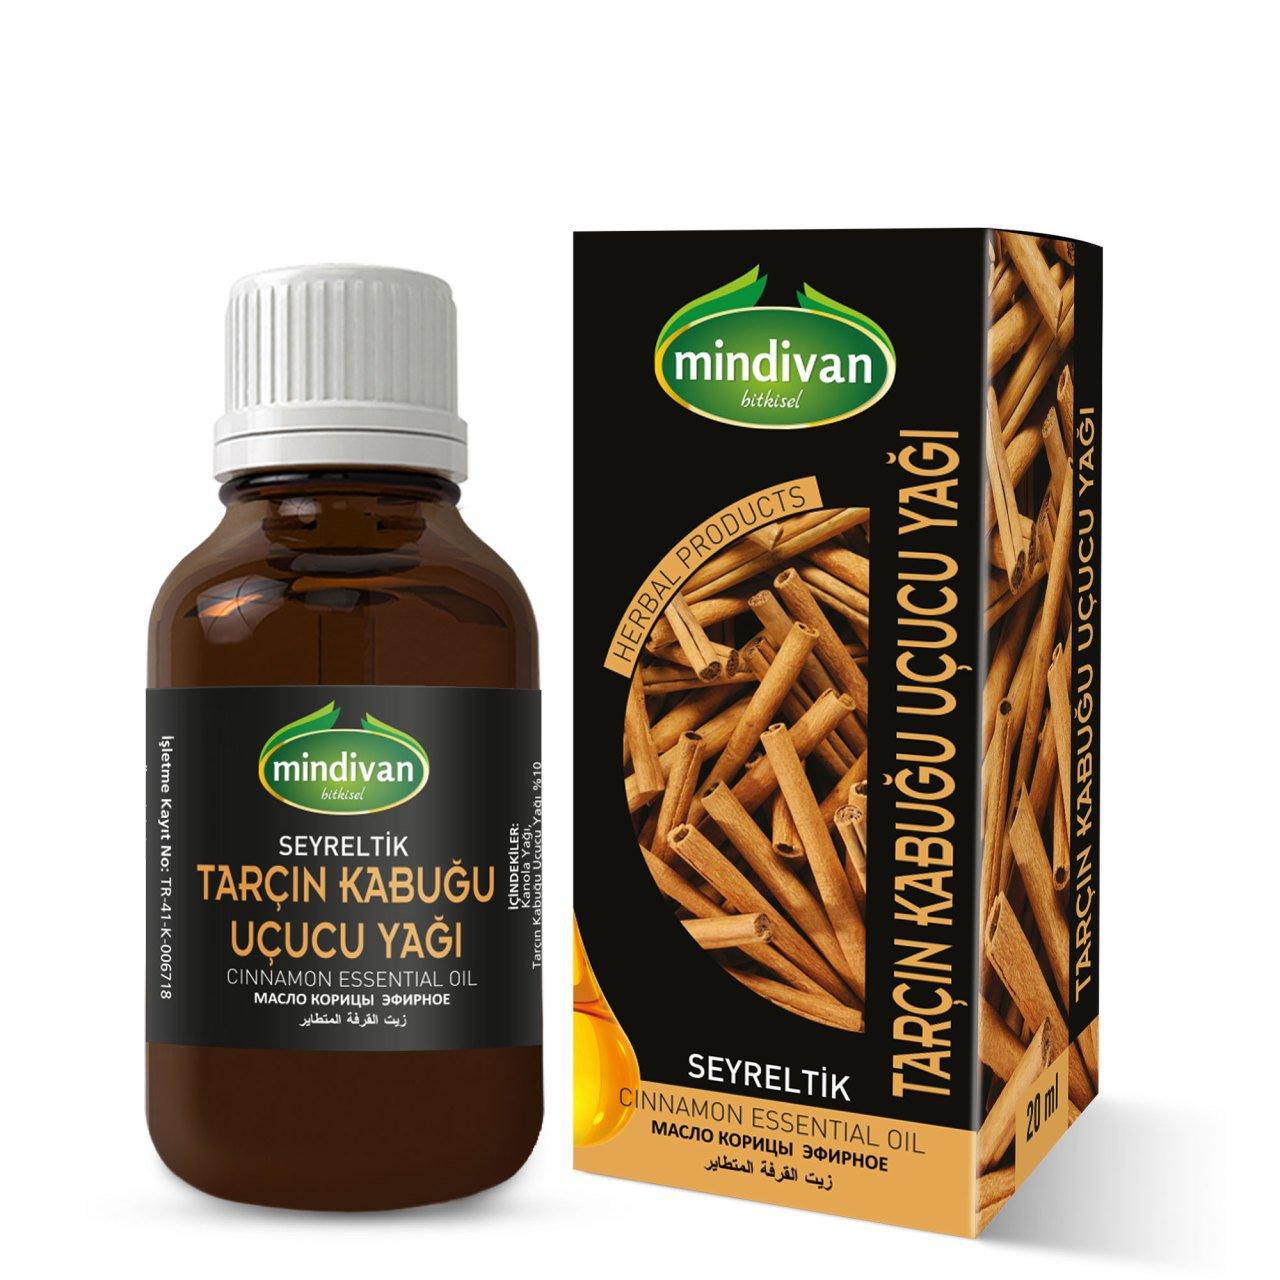 Mindivan Tarçın Kabuğu Yağı 20 ml ürünü